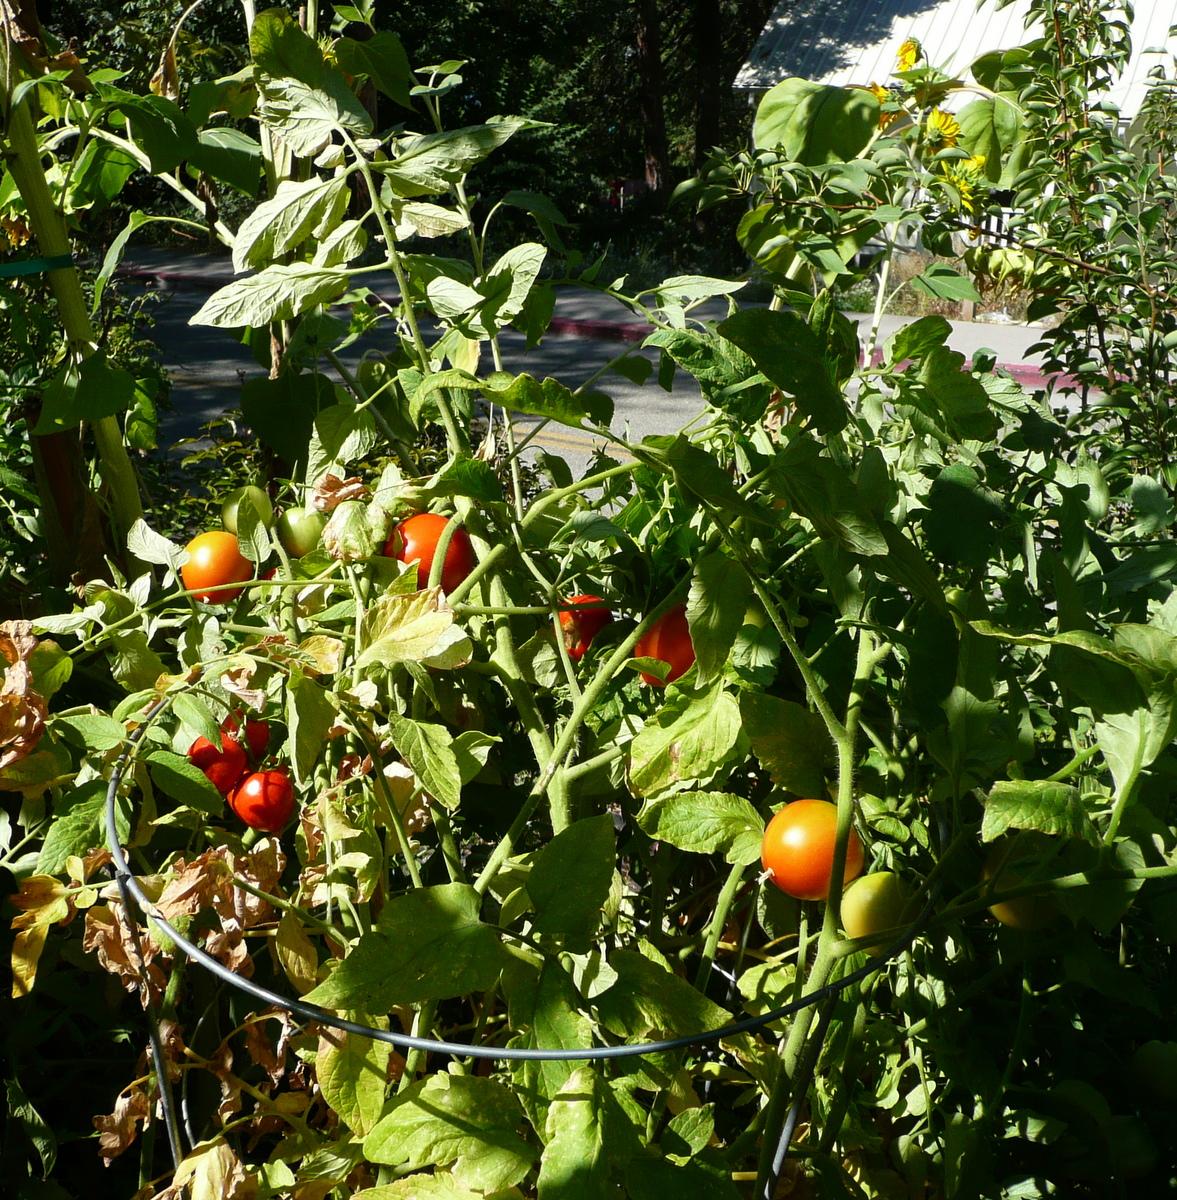 Tomatoes, fangie, xihongshi